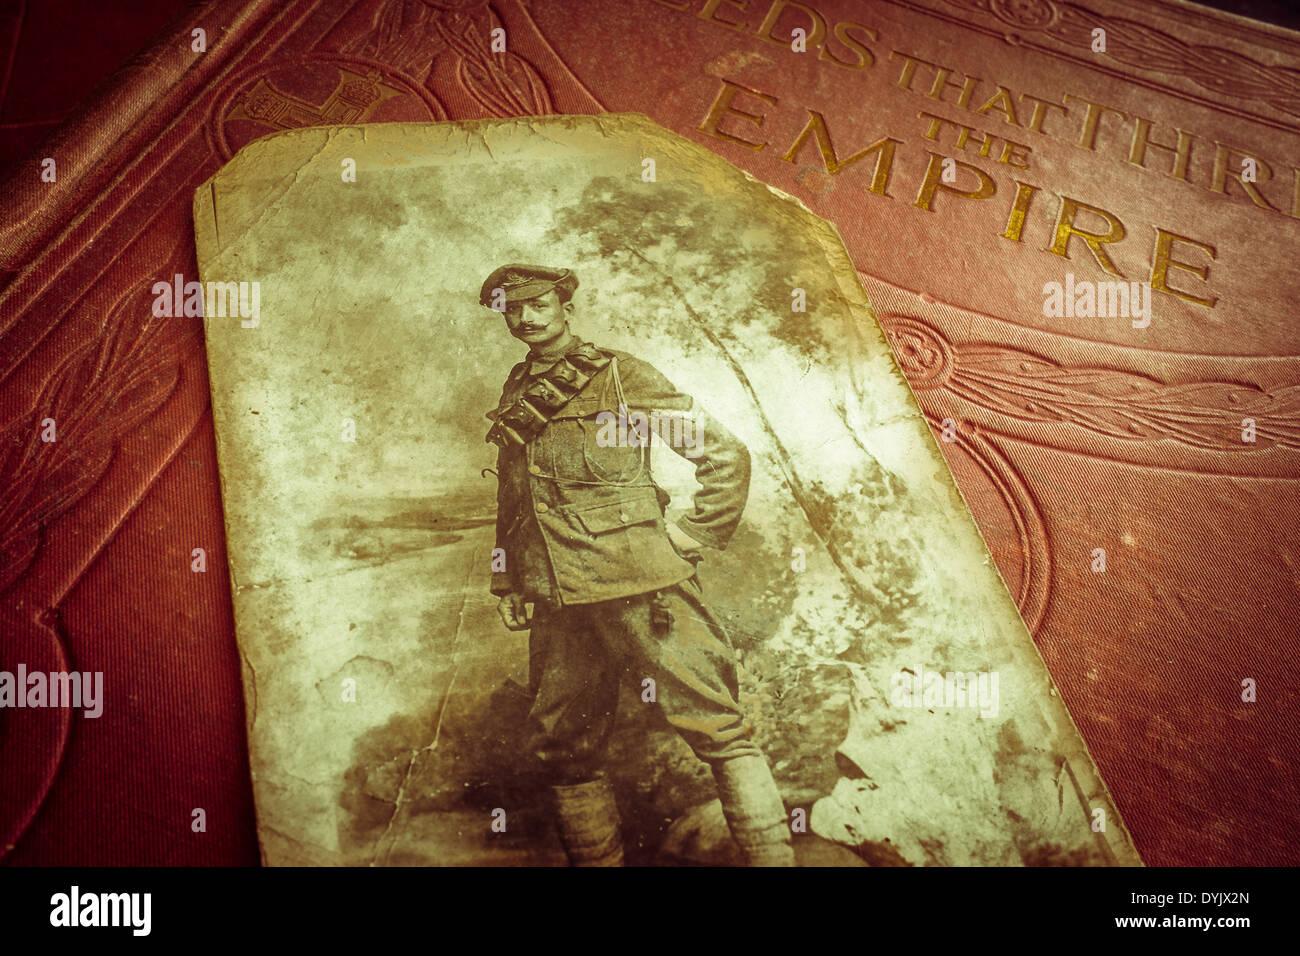 Photographie de John Edward William Samuels (DCM, MM), Artillerie royale, sur le volume des actes qui captivent l'Empire dans lequel il a joué. Photo Stock